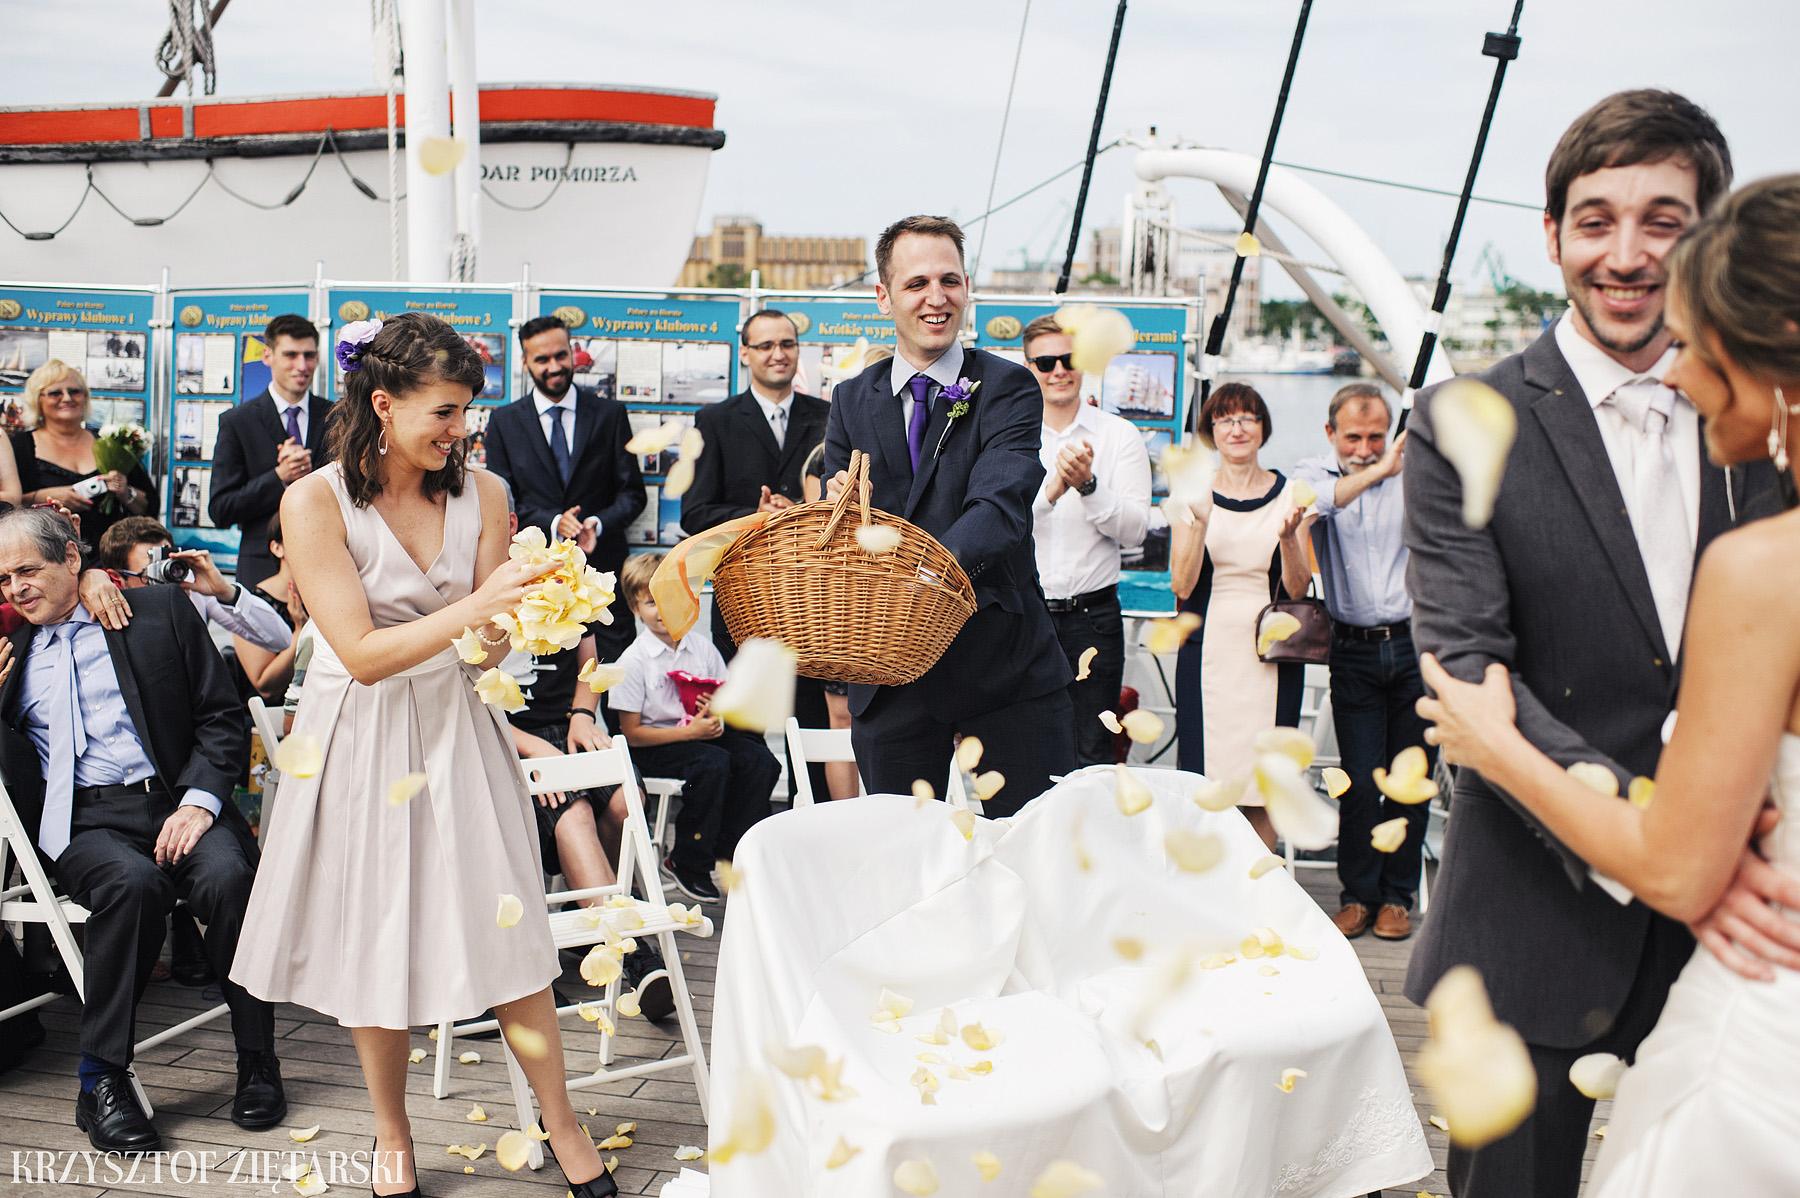 Gosia i Gabriele - Fotografia ślubna Gdynia - Dar Pomorza, Gościniec dla Przyjaciół Wyczechowo, Sea Towers - 27.